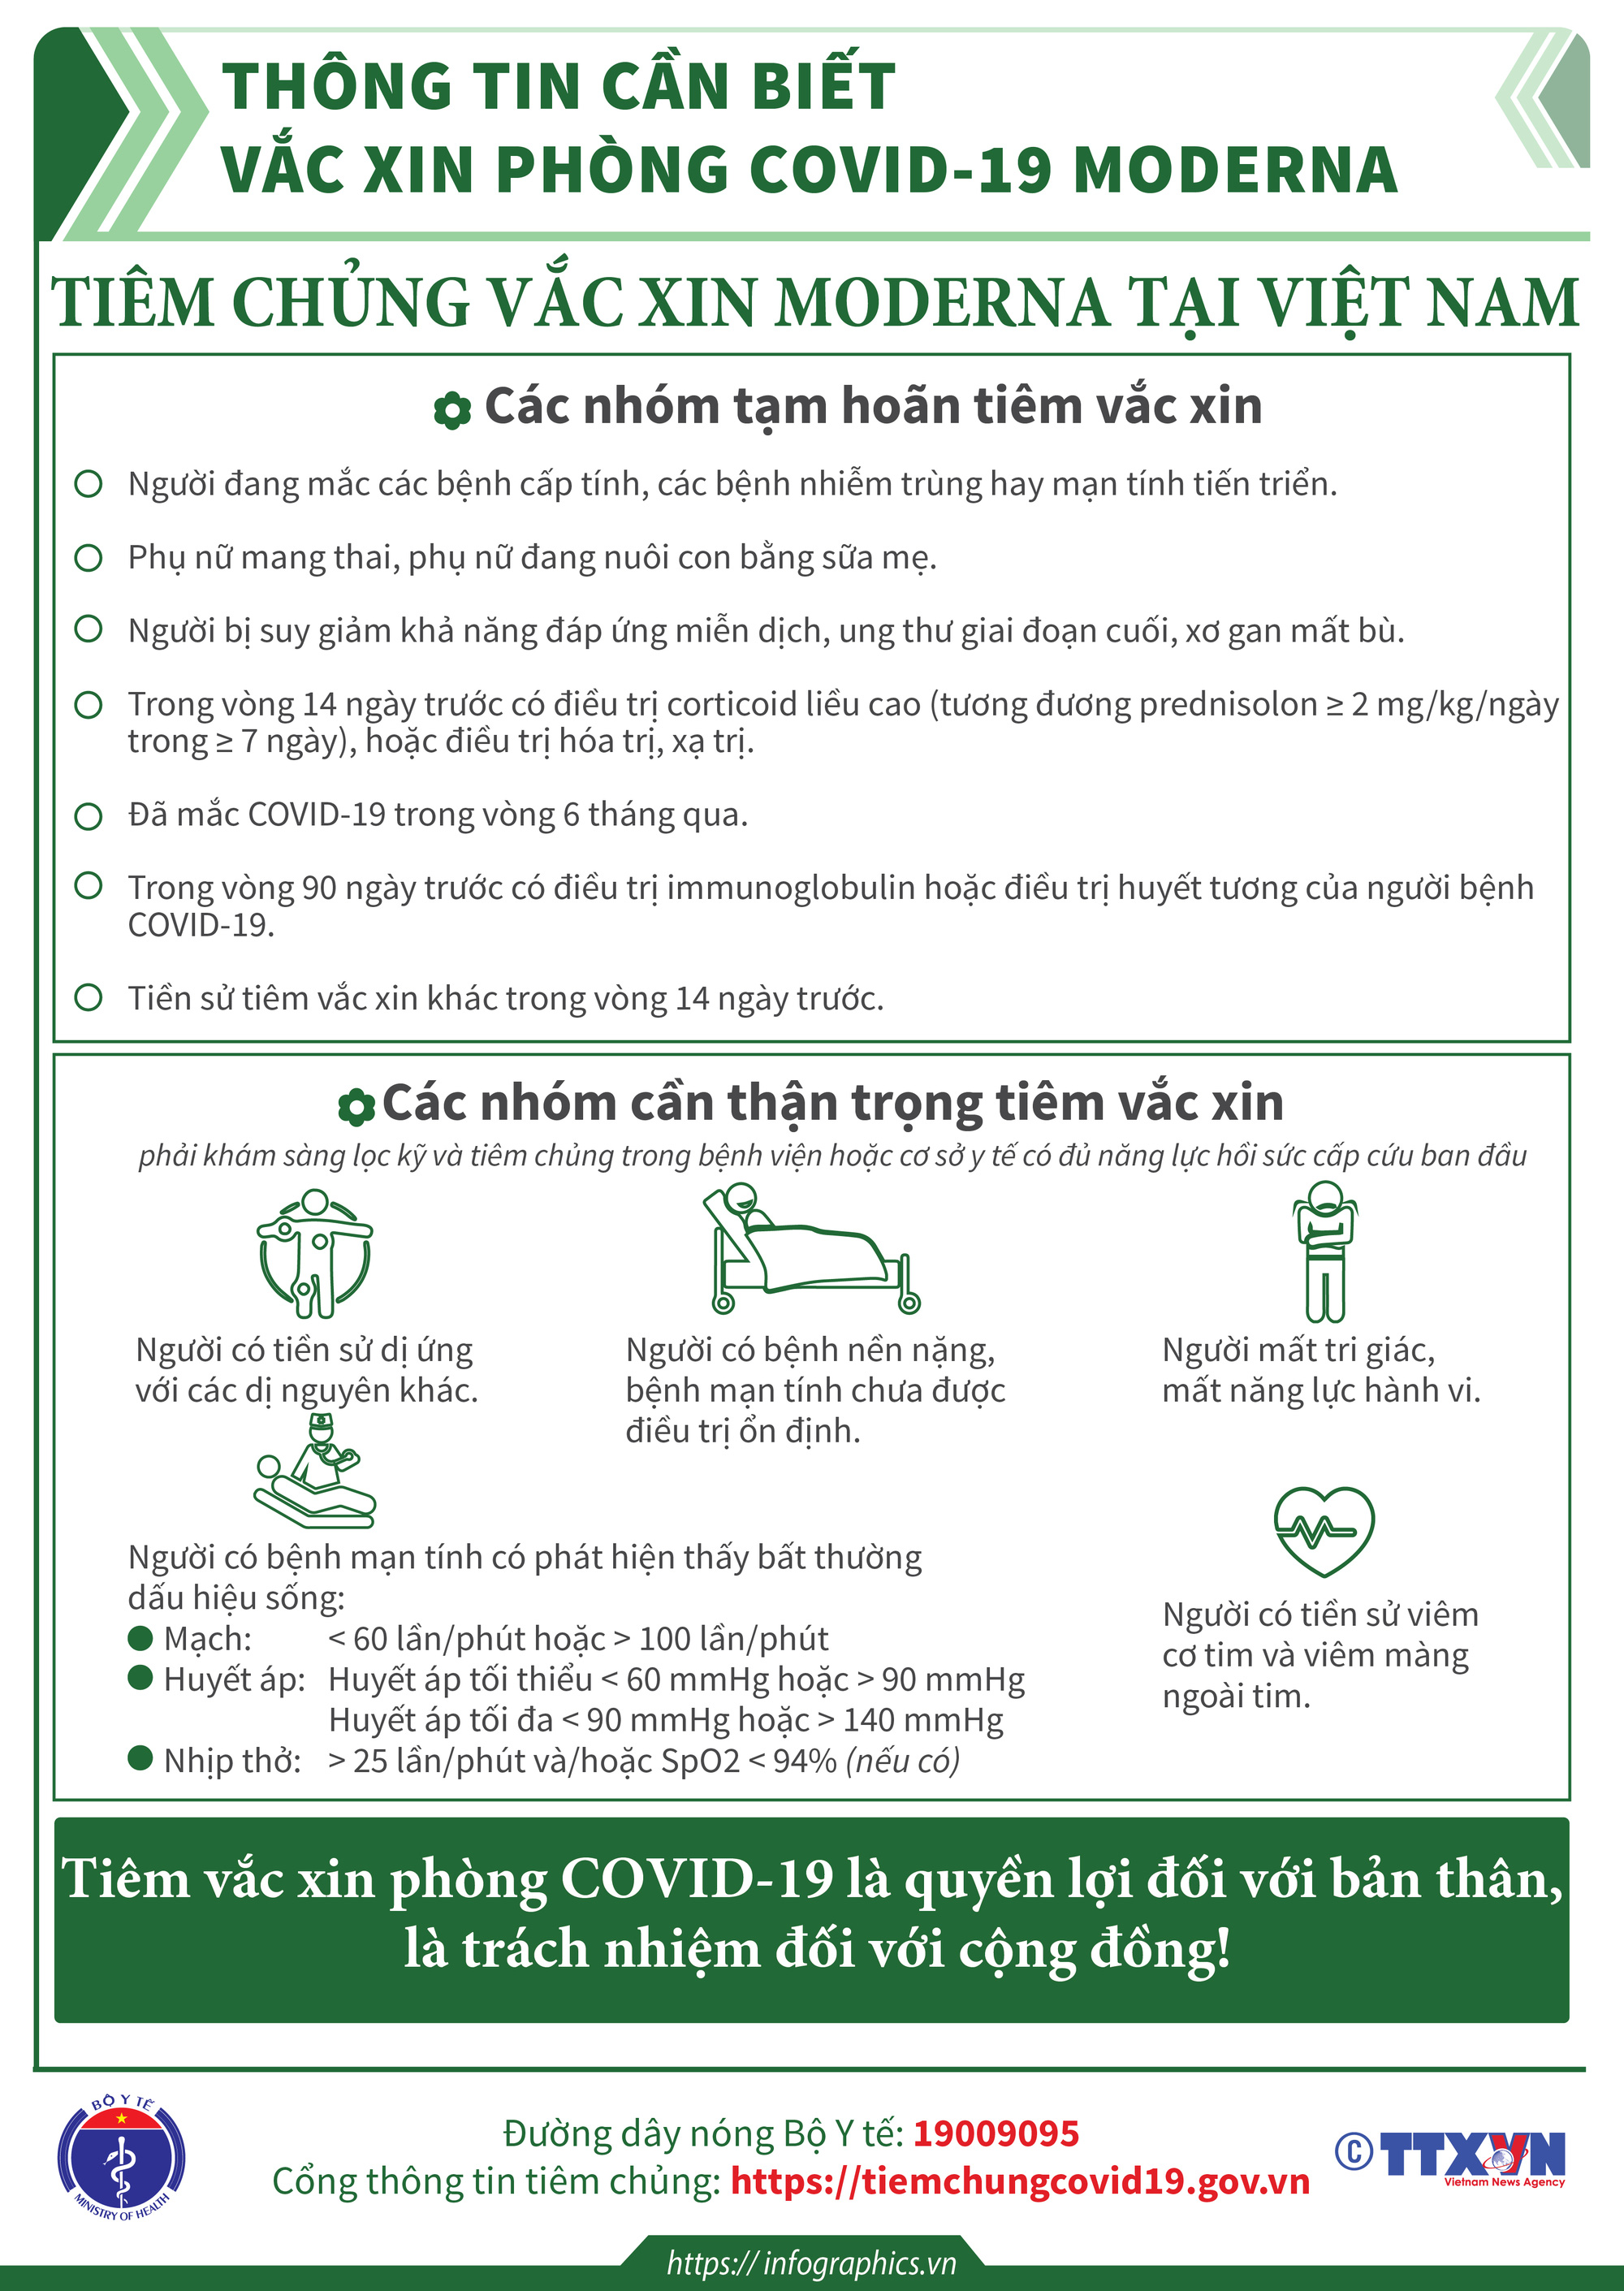 Thông tin cần biết về một số vaccine COVID-19 đang triển khai tiêm chủng tại Việt Nam. - Ảnh 11.